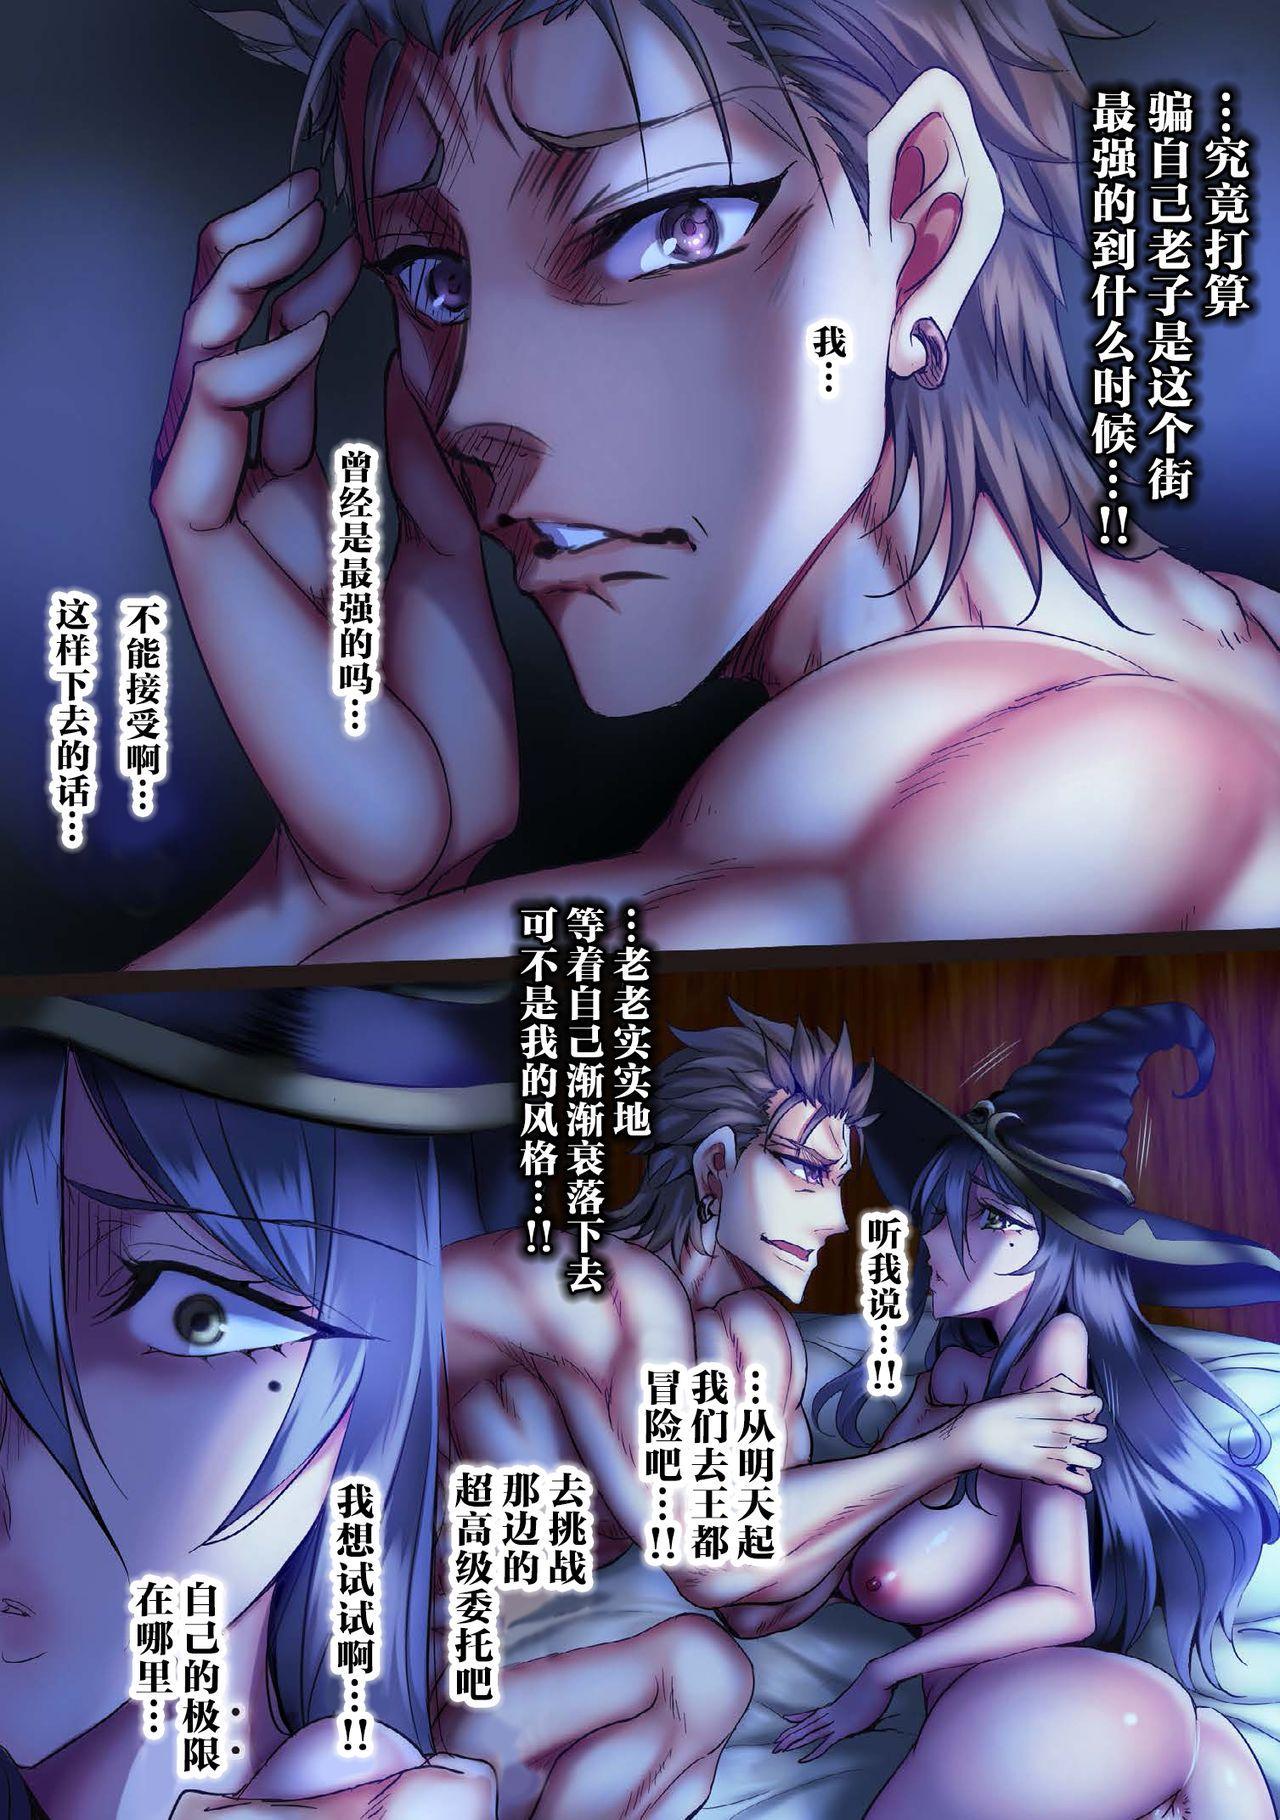 Zenmetsu Party Rape 3 | 全灭强奸派对3 60